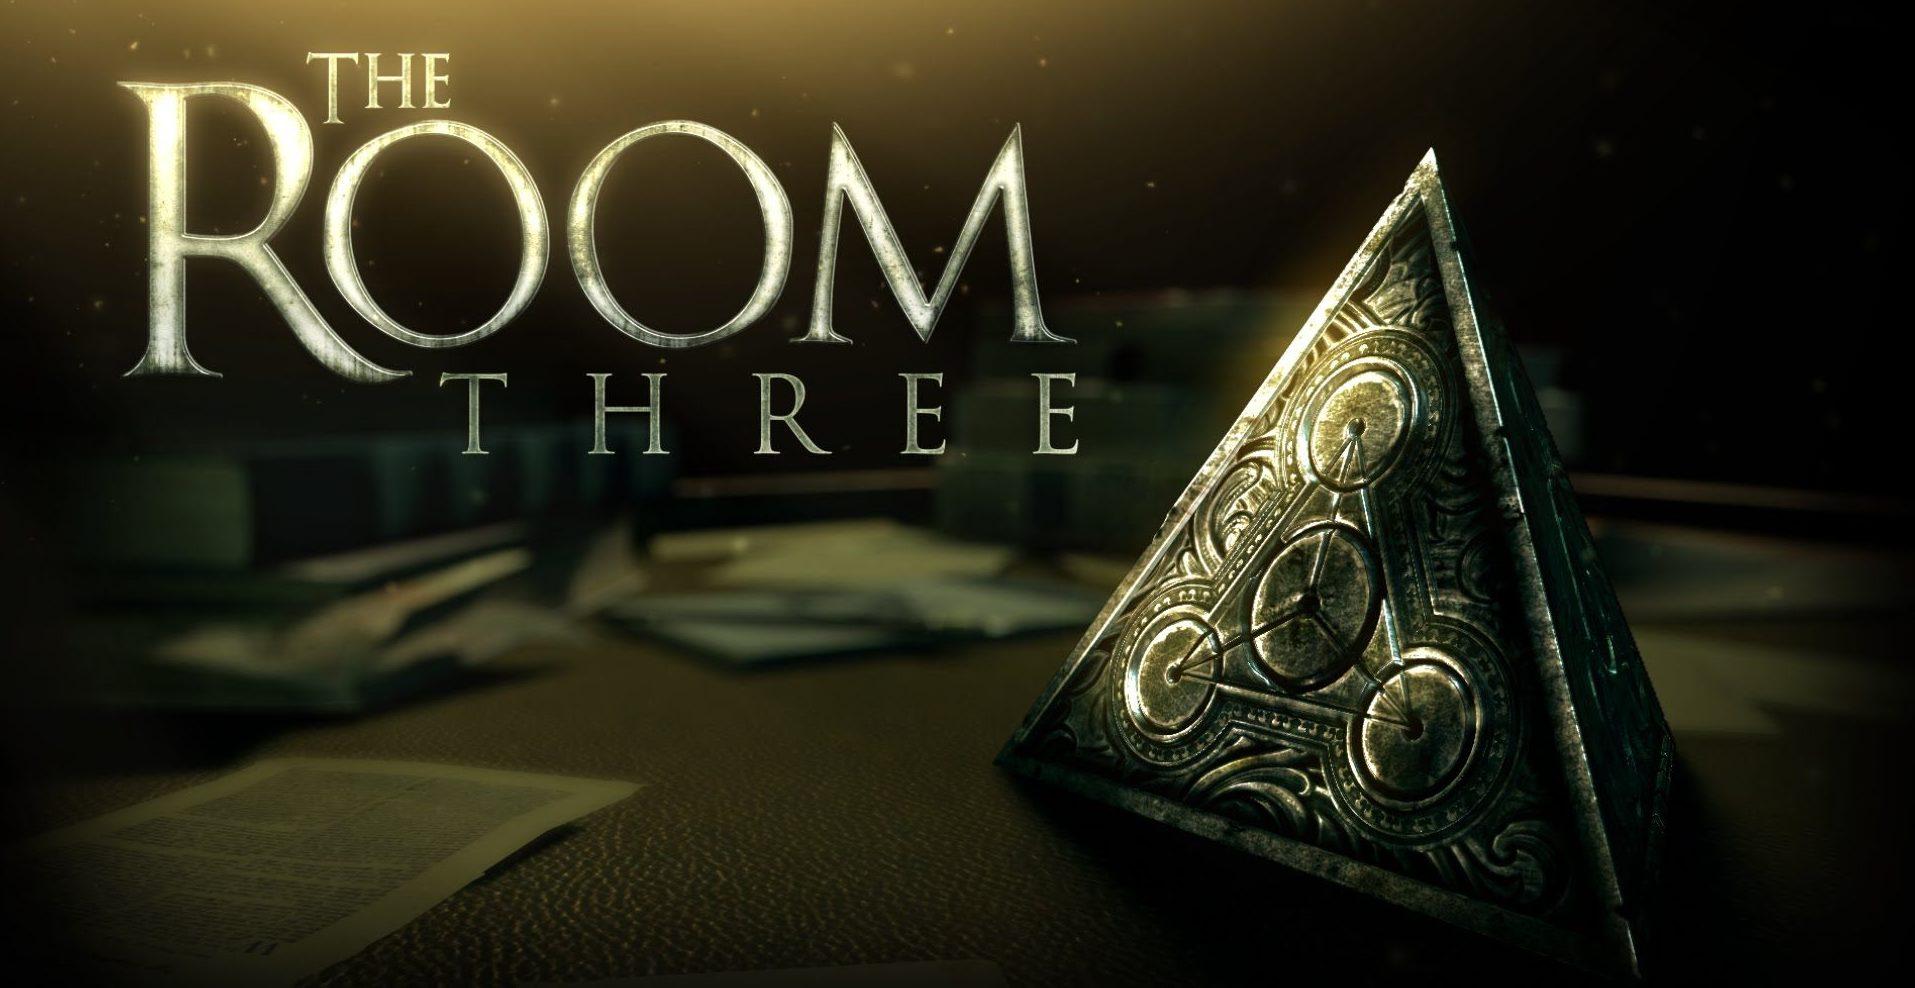 The-Room-3-e1478378392887.jpg